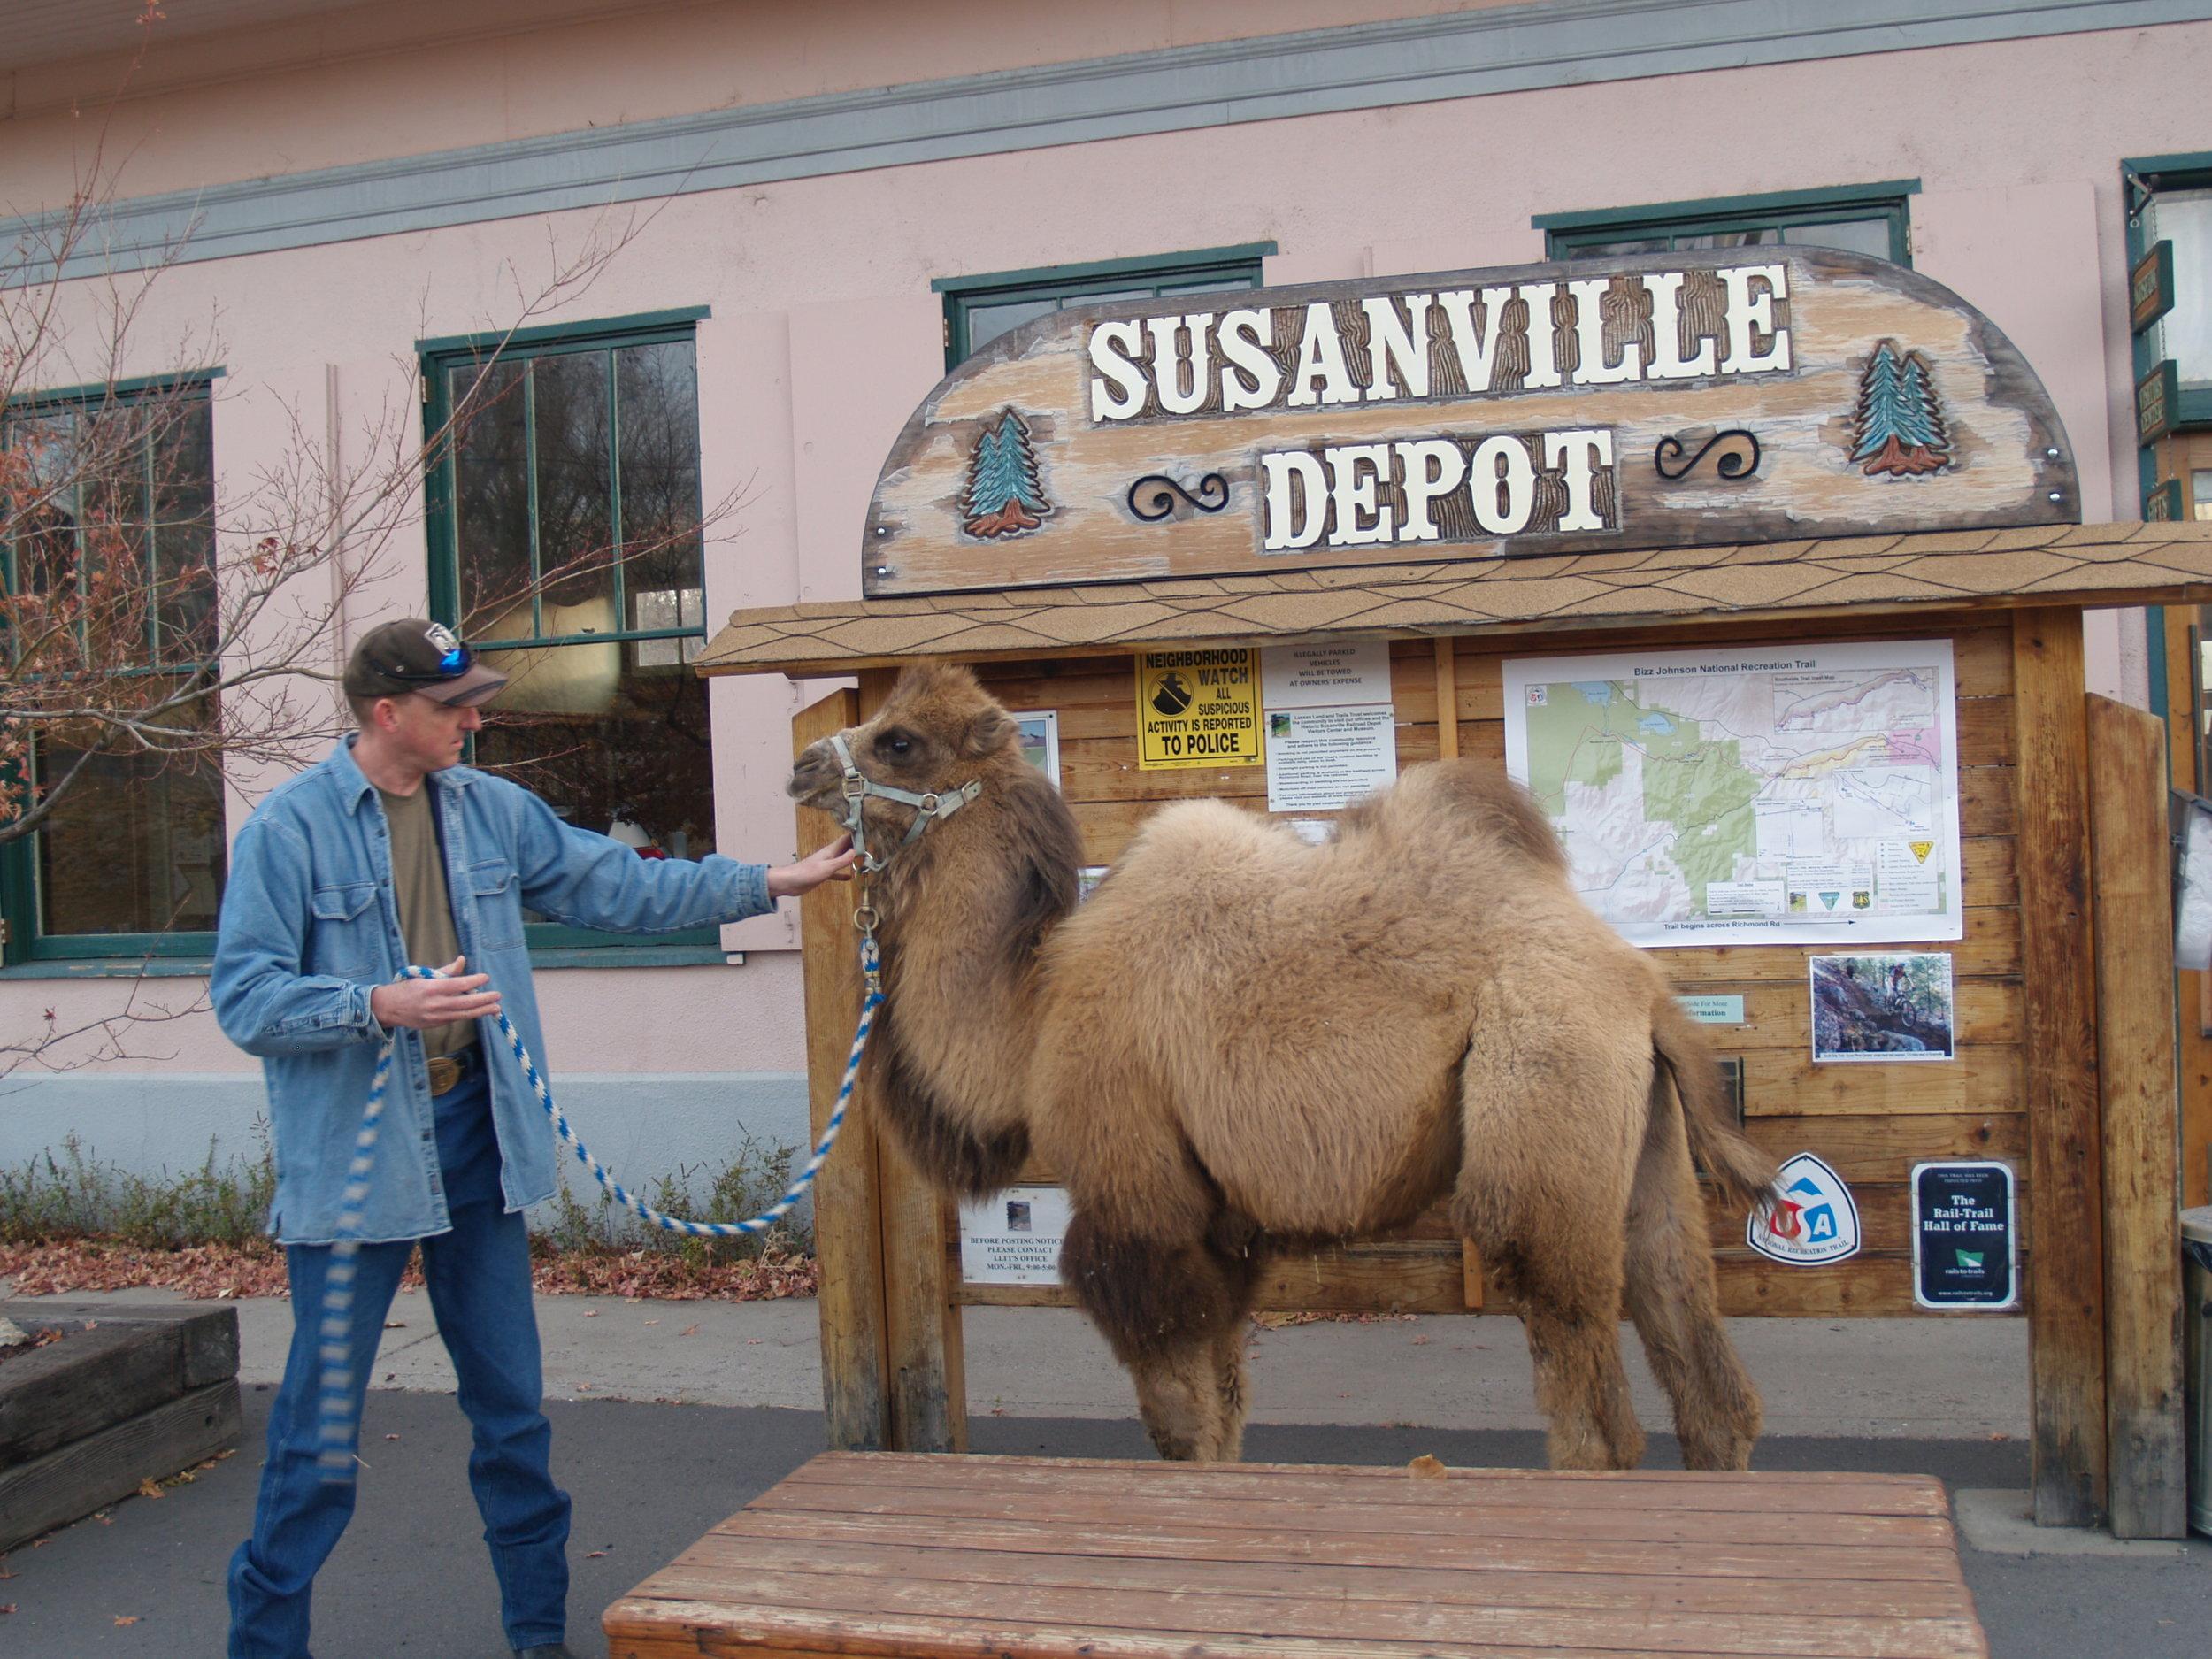 Depot_Camel 5.JPG